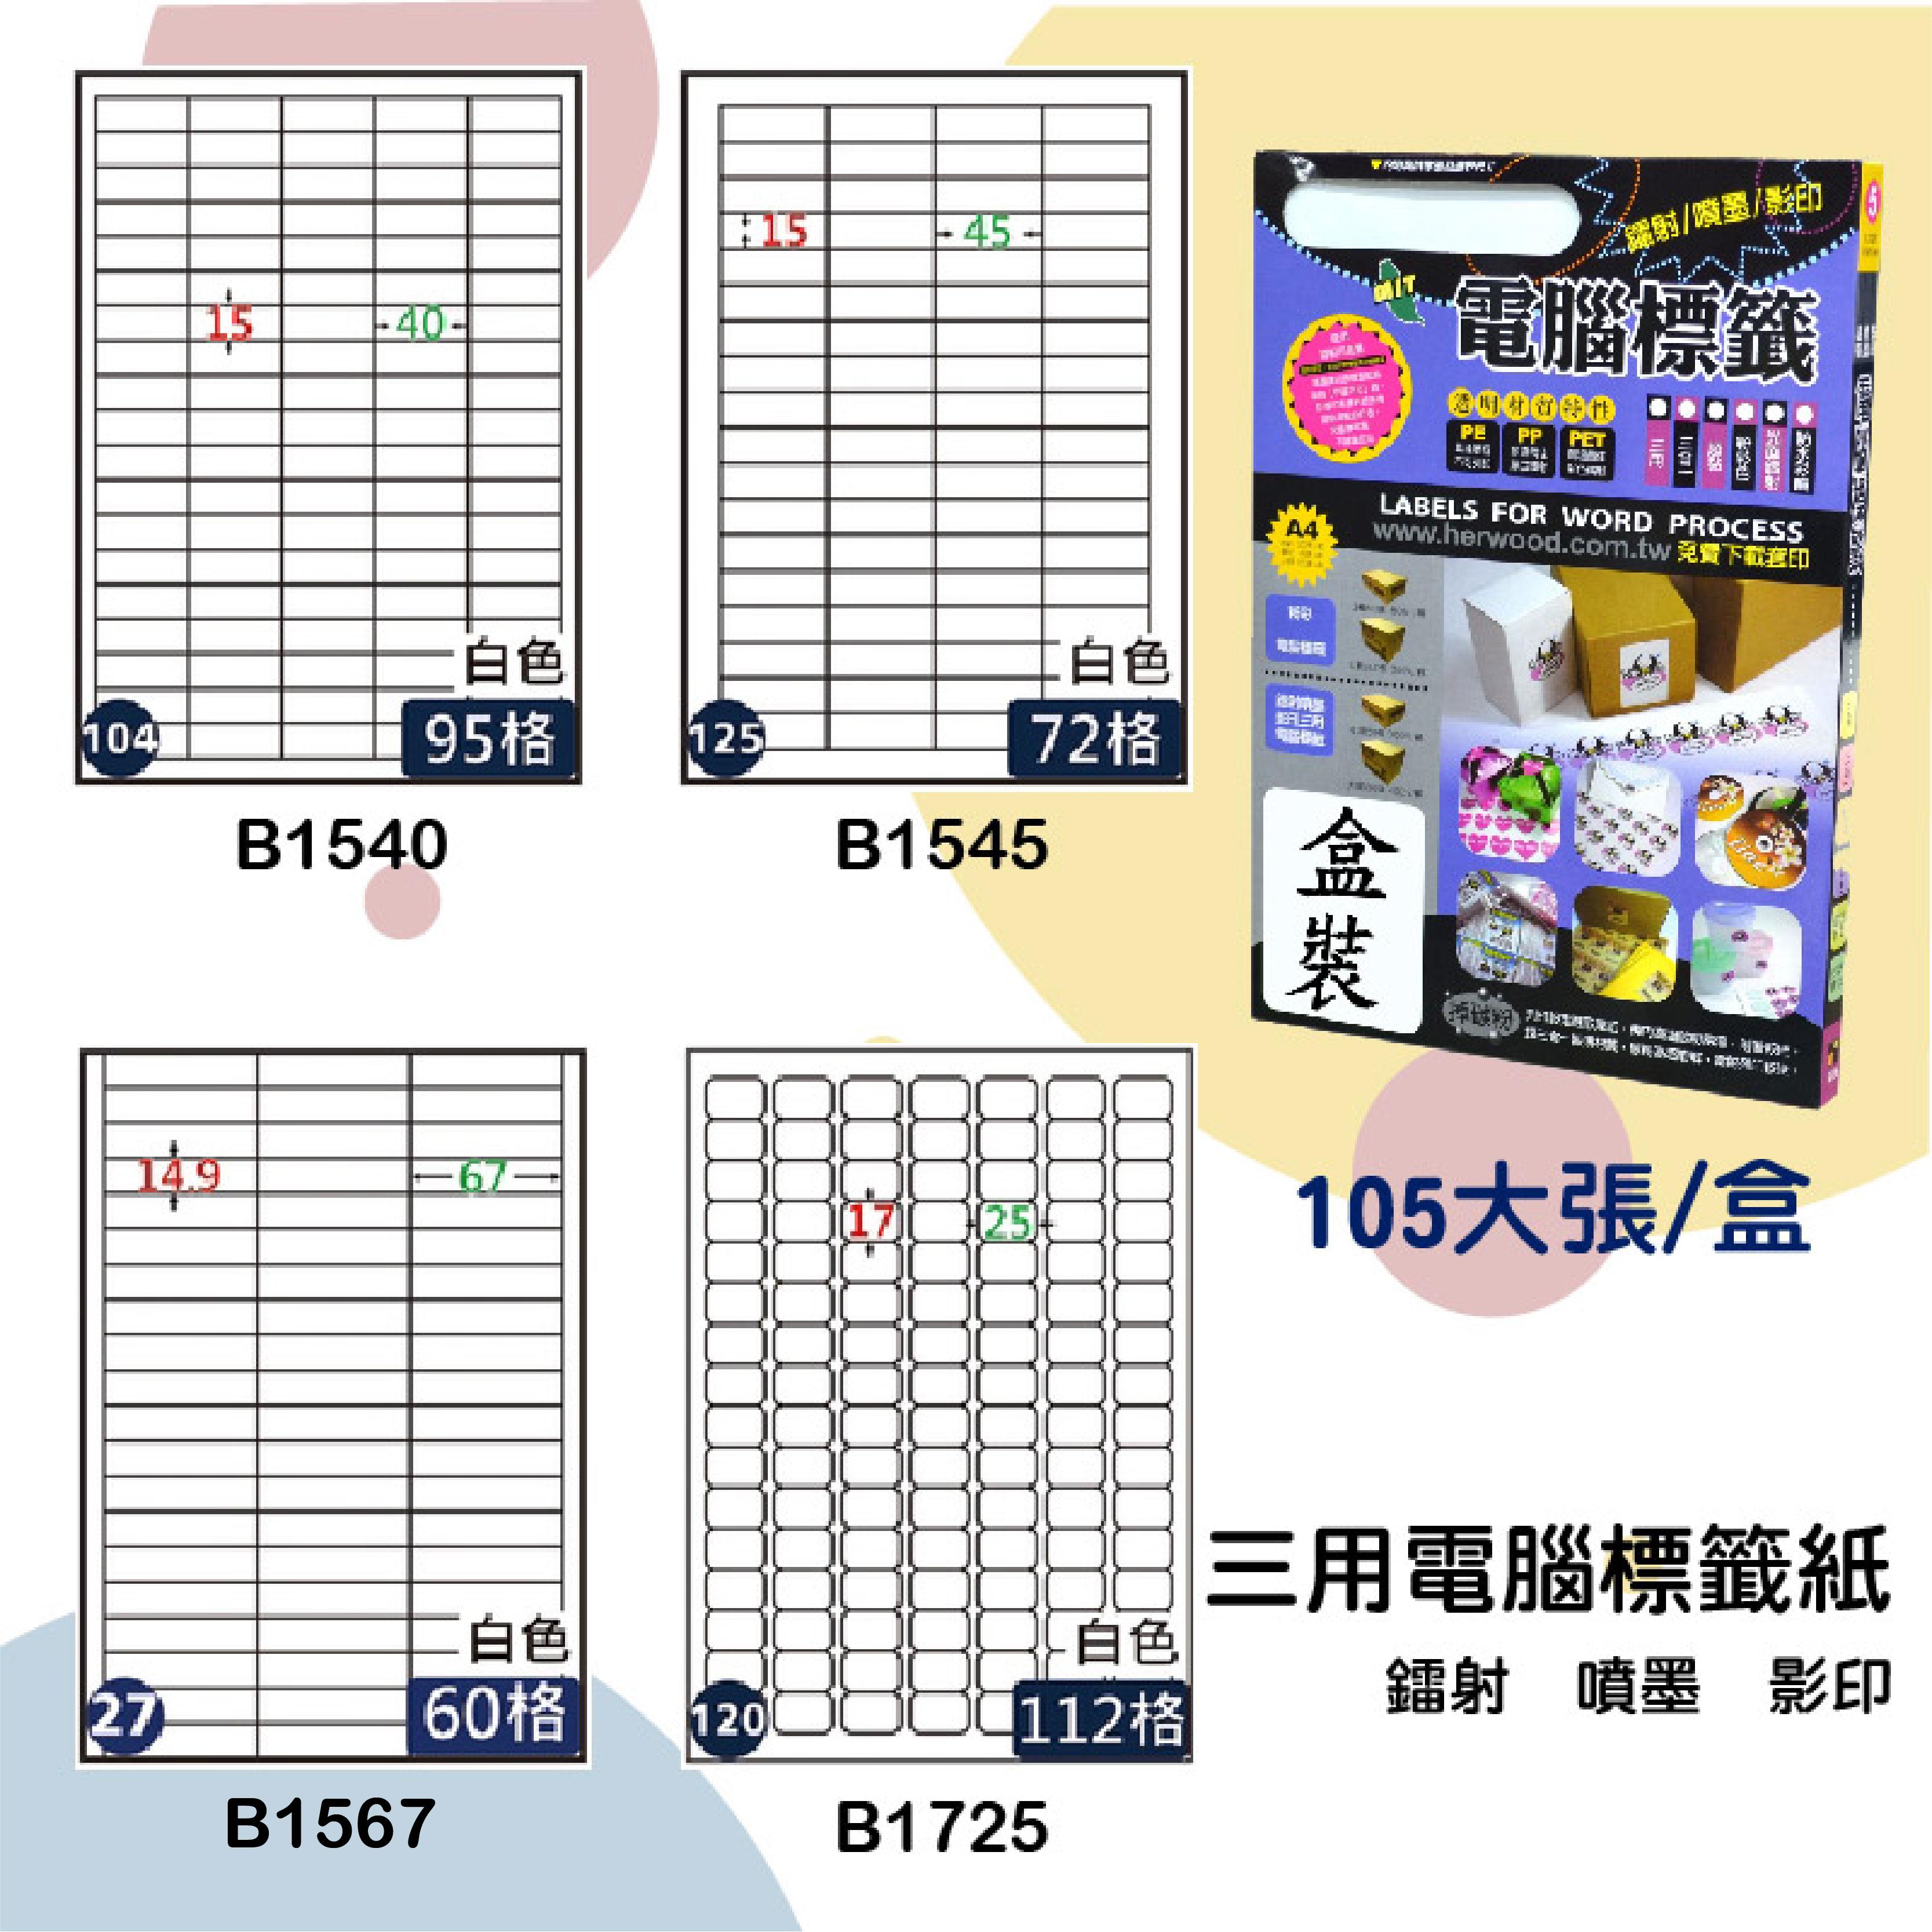 【鶴屋】三用電腦標籤 白色 B1540 B1545 B1567 B1725 105大張/盒 影印/雷射/噴墨 標籤紙 貼紙 標示 信件